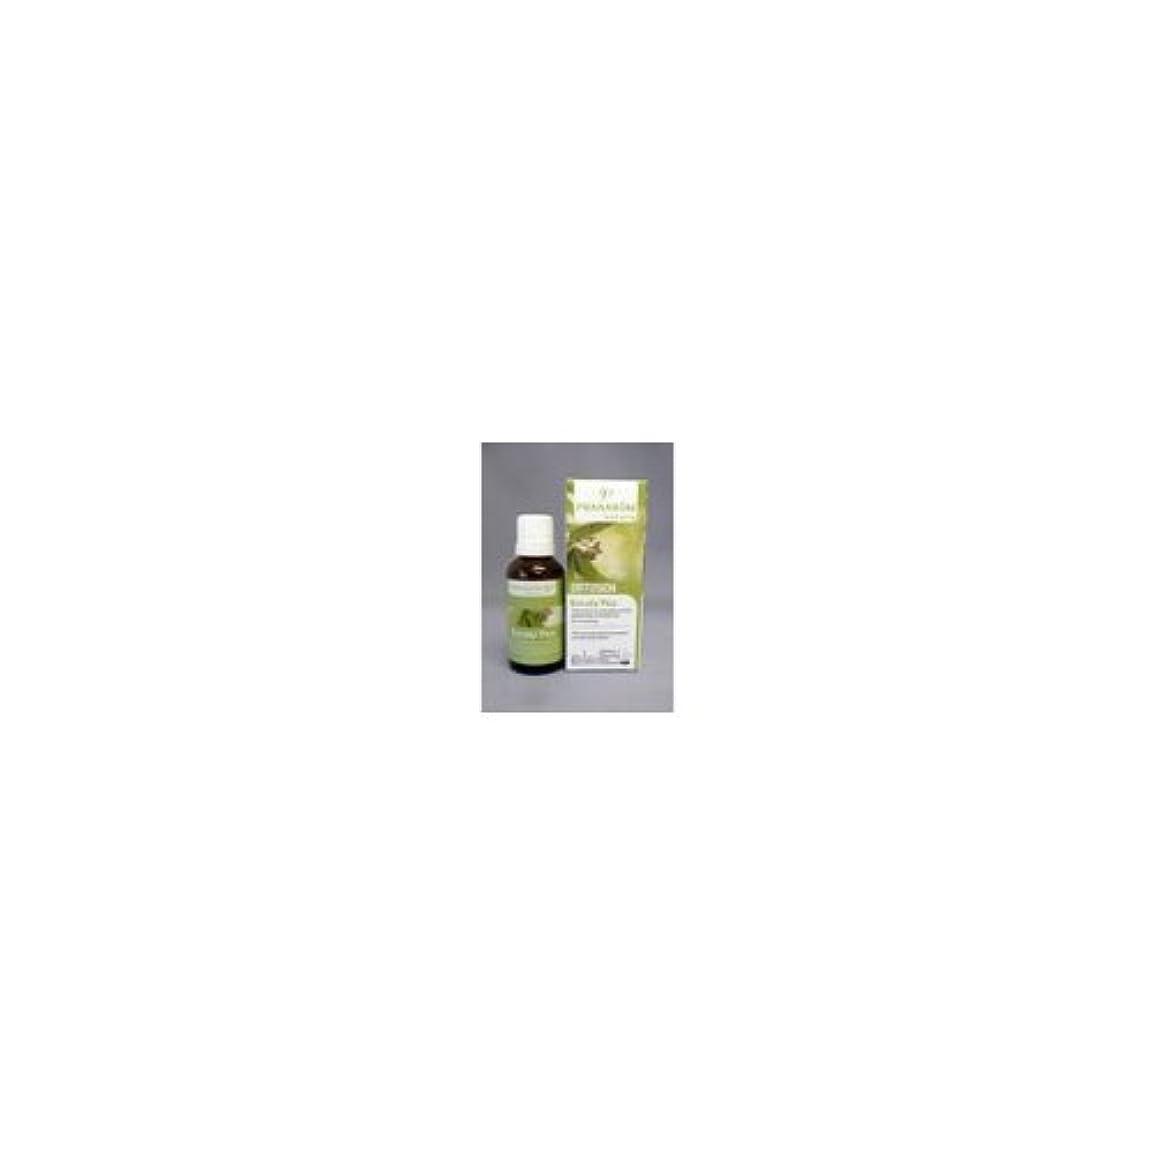 咽頭ビンナイトスポット胸一杯のフレッシュエア ユーカリプラス(30mg)/プラナロム社のエアフレッシュナー